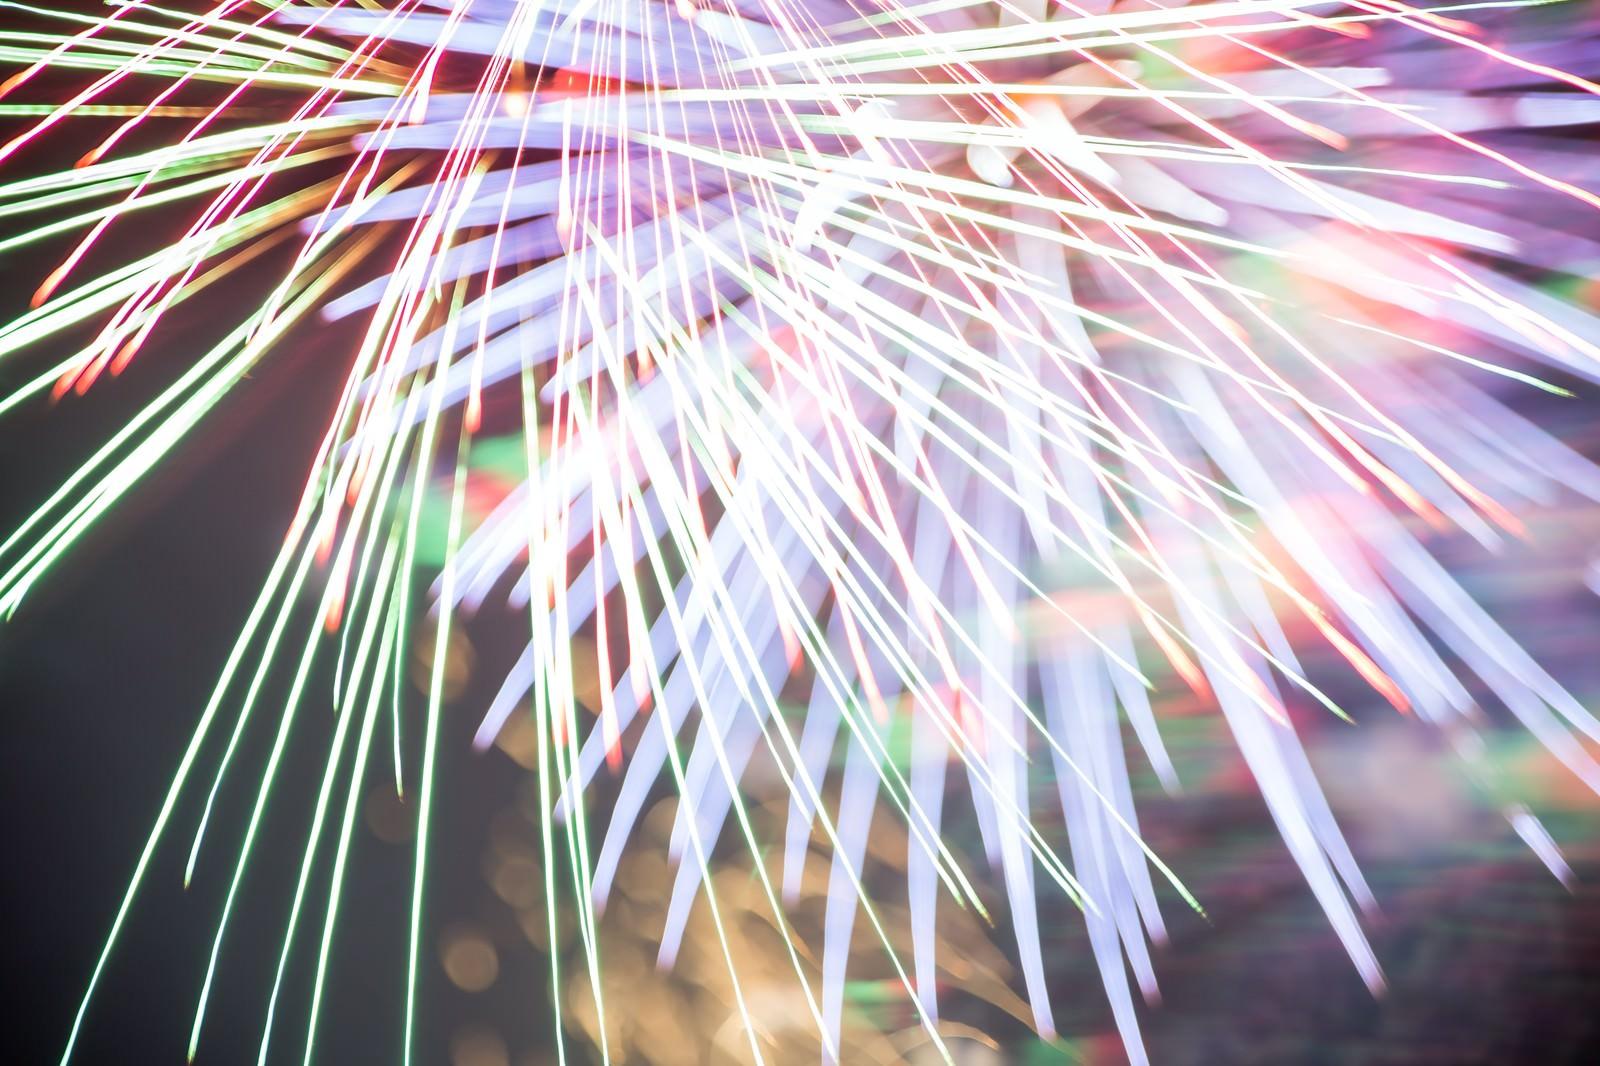 「色鮮やかでカラフルな火花が散る」の写真